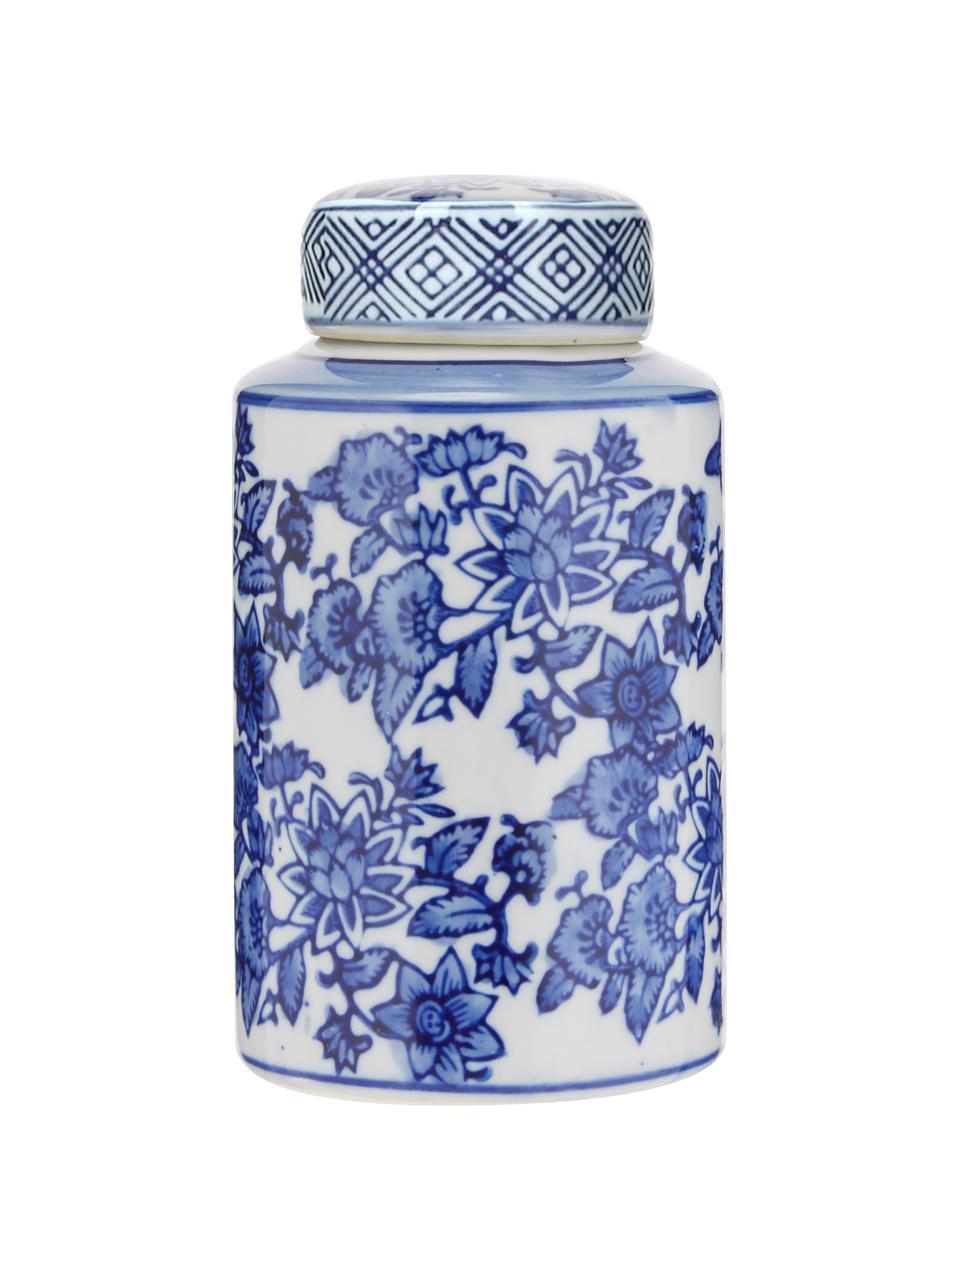 Mały wazon z porcelany z pokrywką Annabelle, Porcelana, Niebieski, biały, Ø 8 x W 14 cm